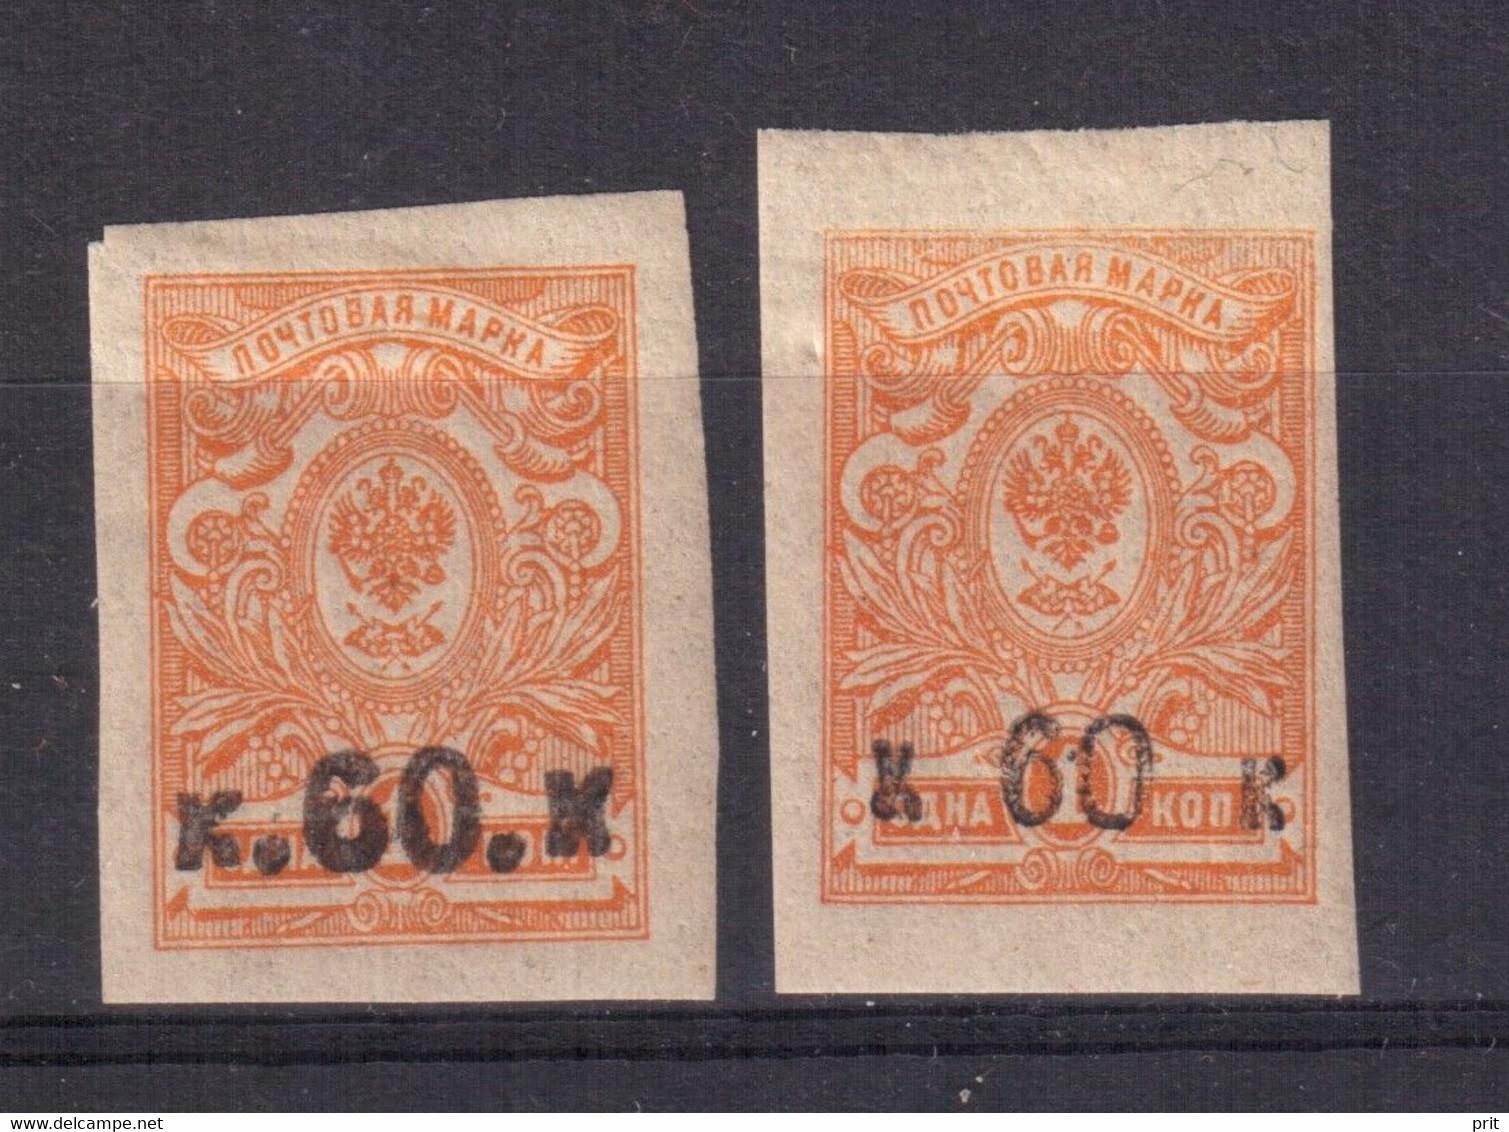 Armenia 1919, 60 Kop, 2 Different Types, Michel 1 IB & 1 IIB, MLH. - Armenië